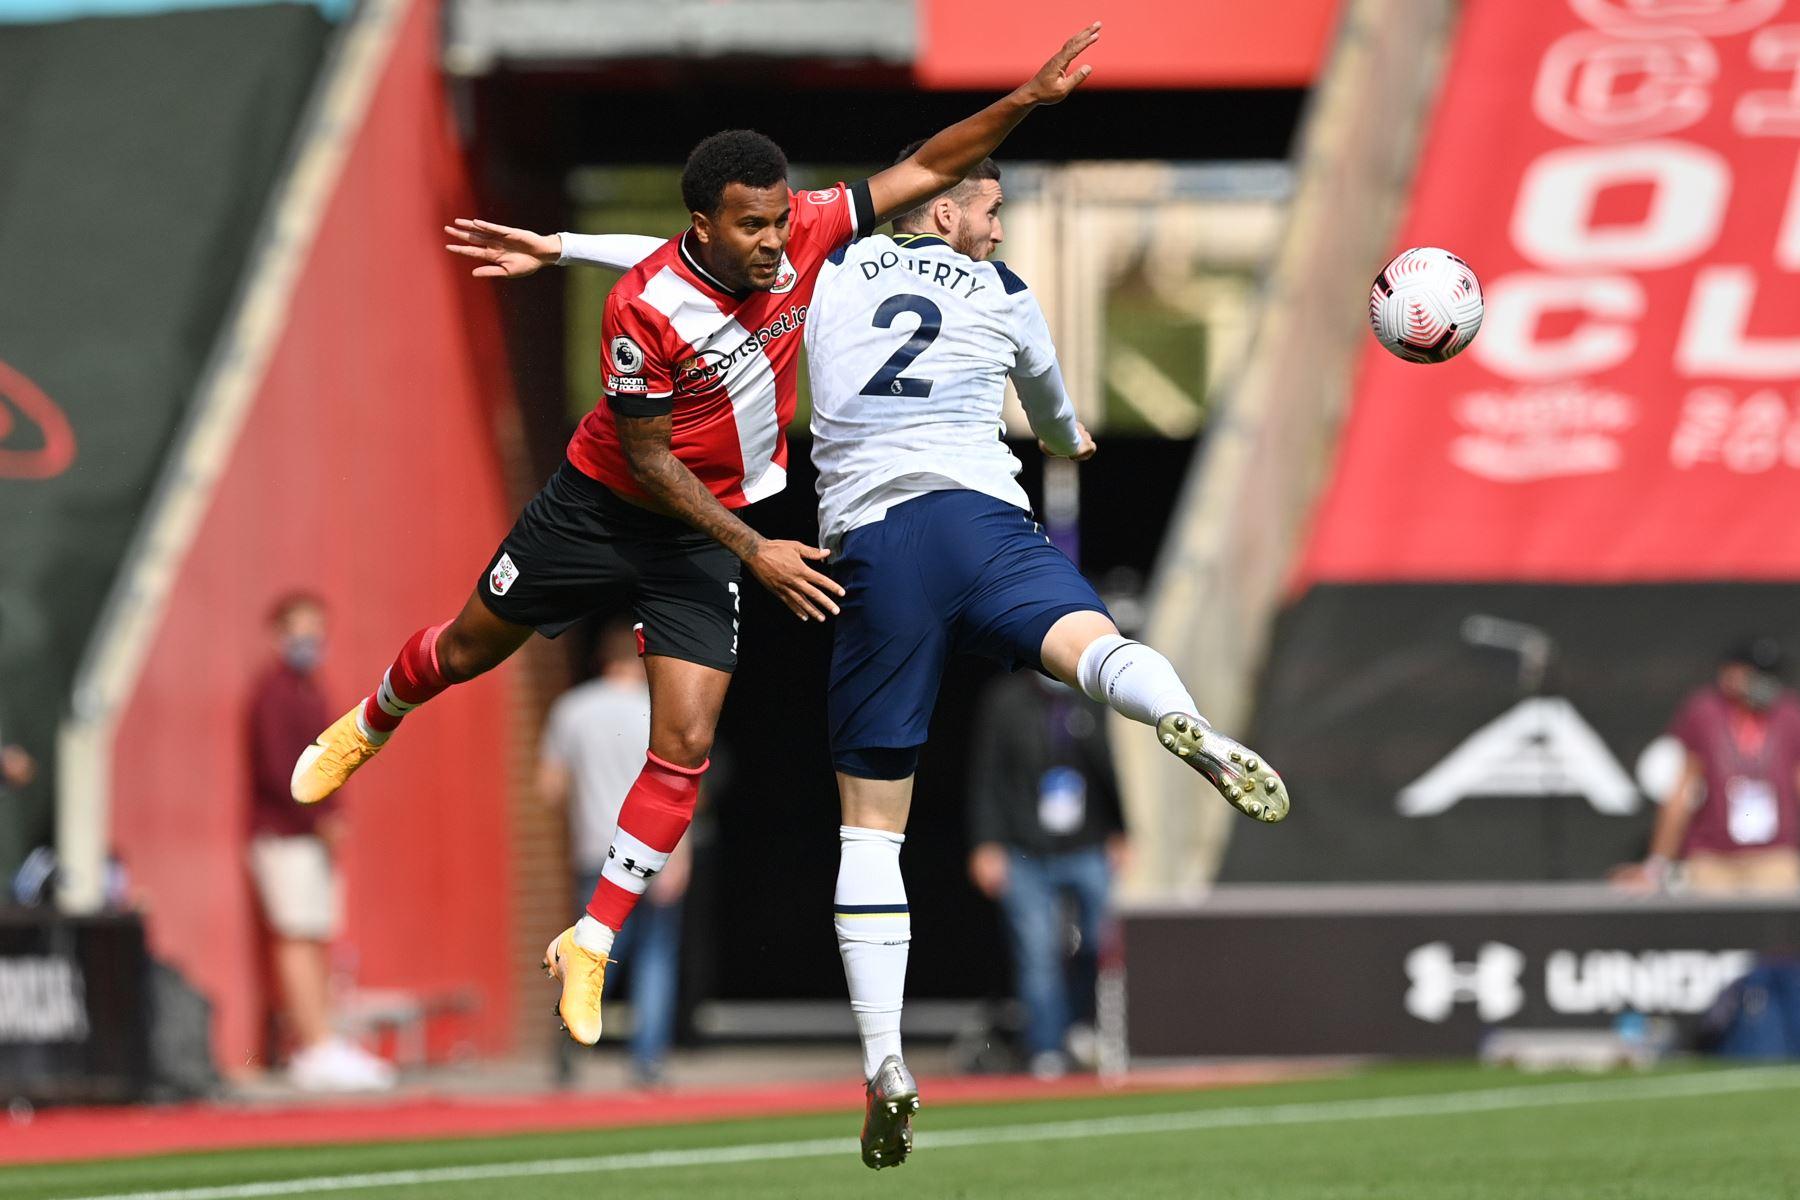 El defensor inglés de Southampton, Ryan Bertrand, compite con el defensor irlandés de Tottenham Hotspur, Matt Doherty, durante el partido de fútbol de la Premier League. Foto: AFP